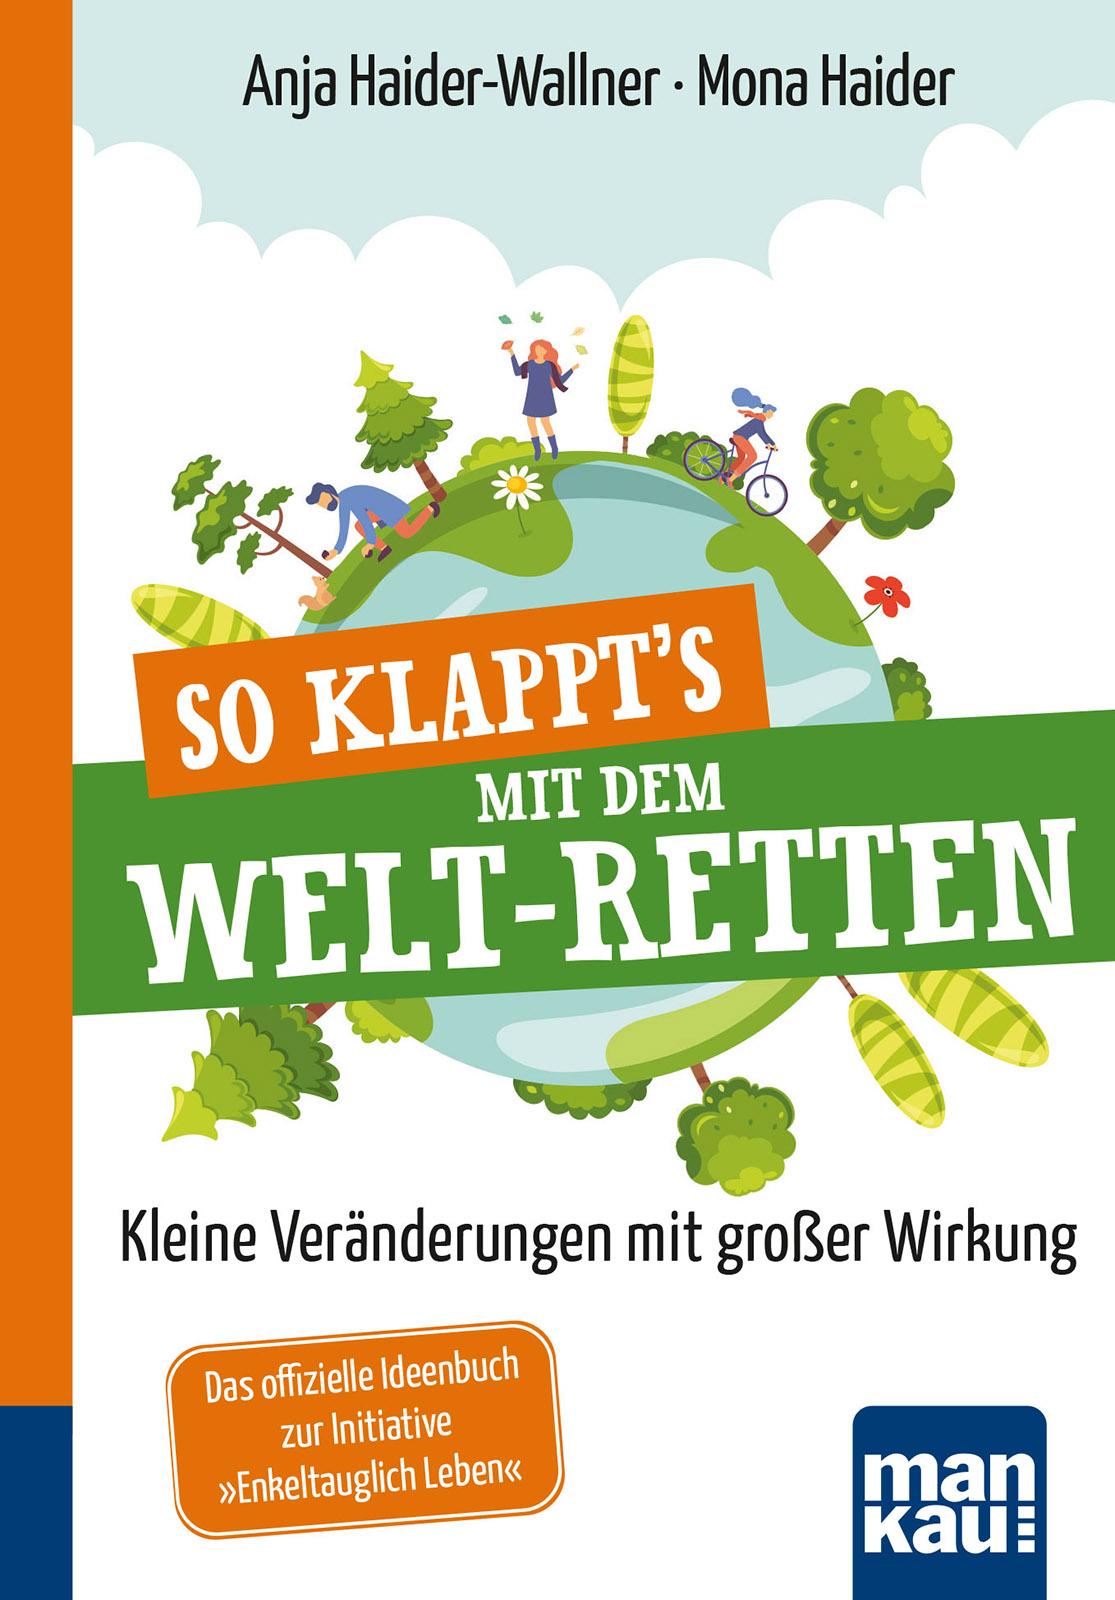 Cover_SoklapptsmitdemWeltRetten_1600px